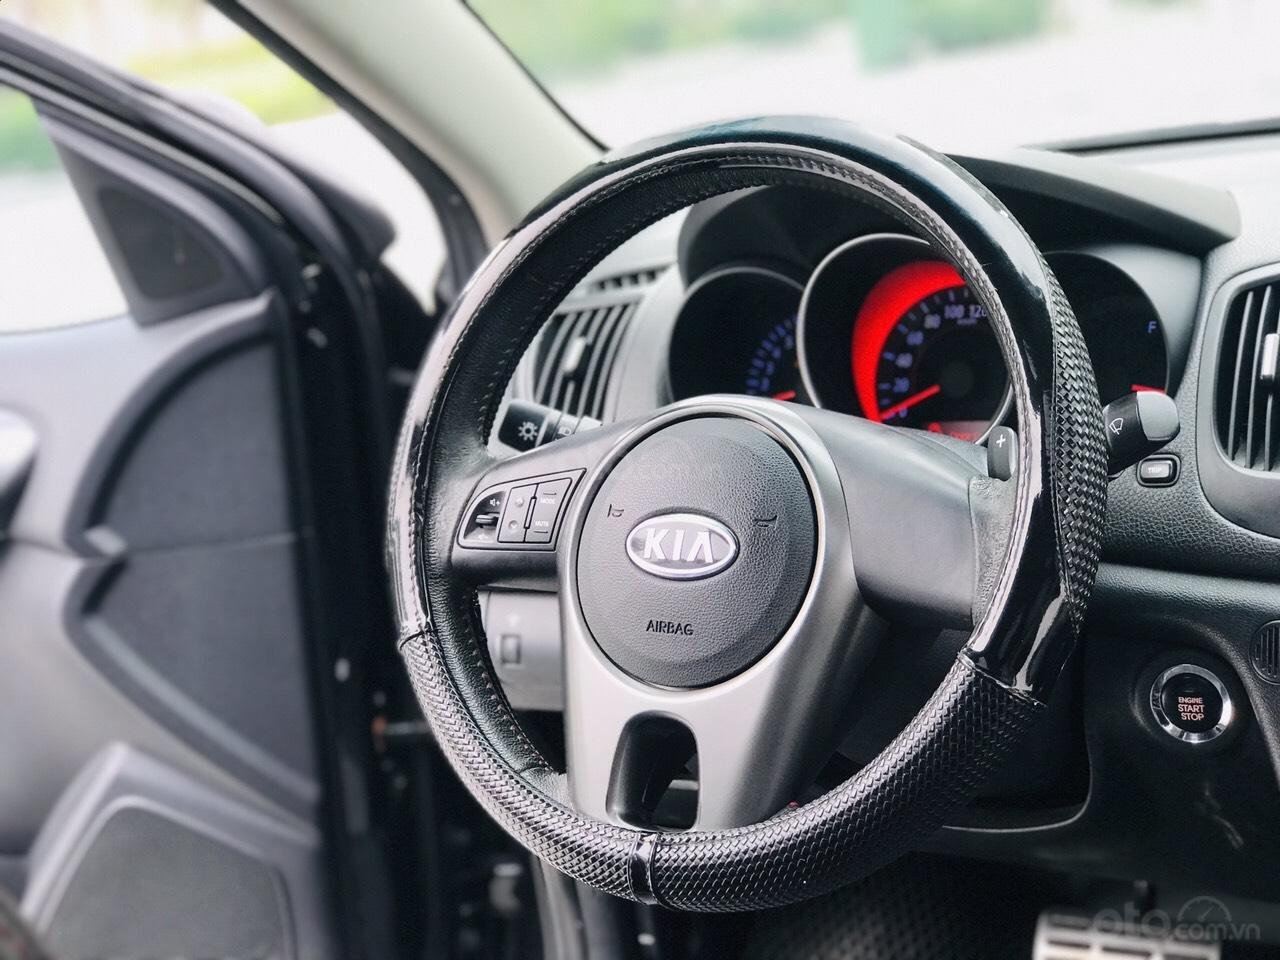 Cần bán Kia Cerato 1.6 AT bản xuất Âu, giá tốt (12)